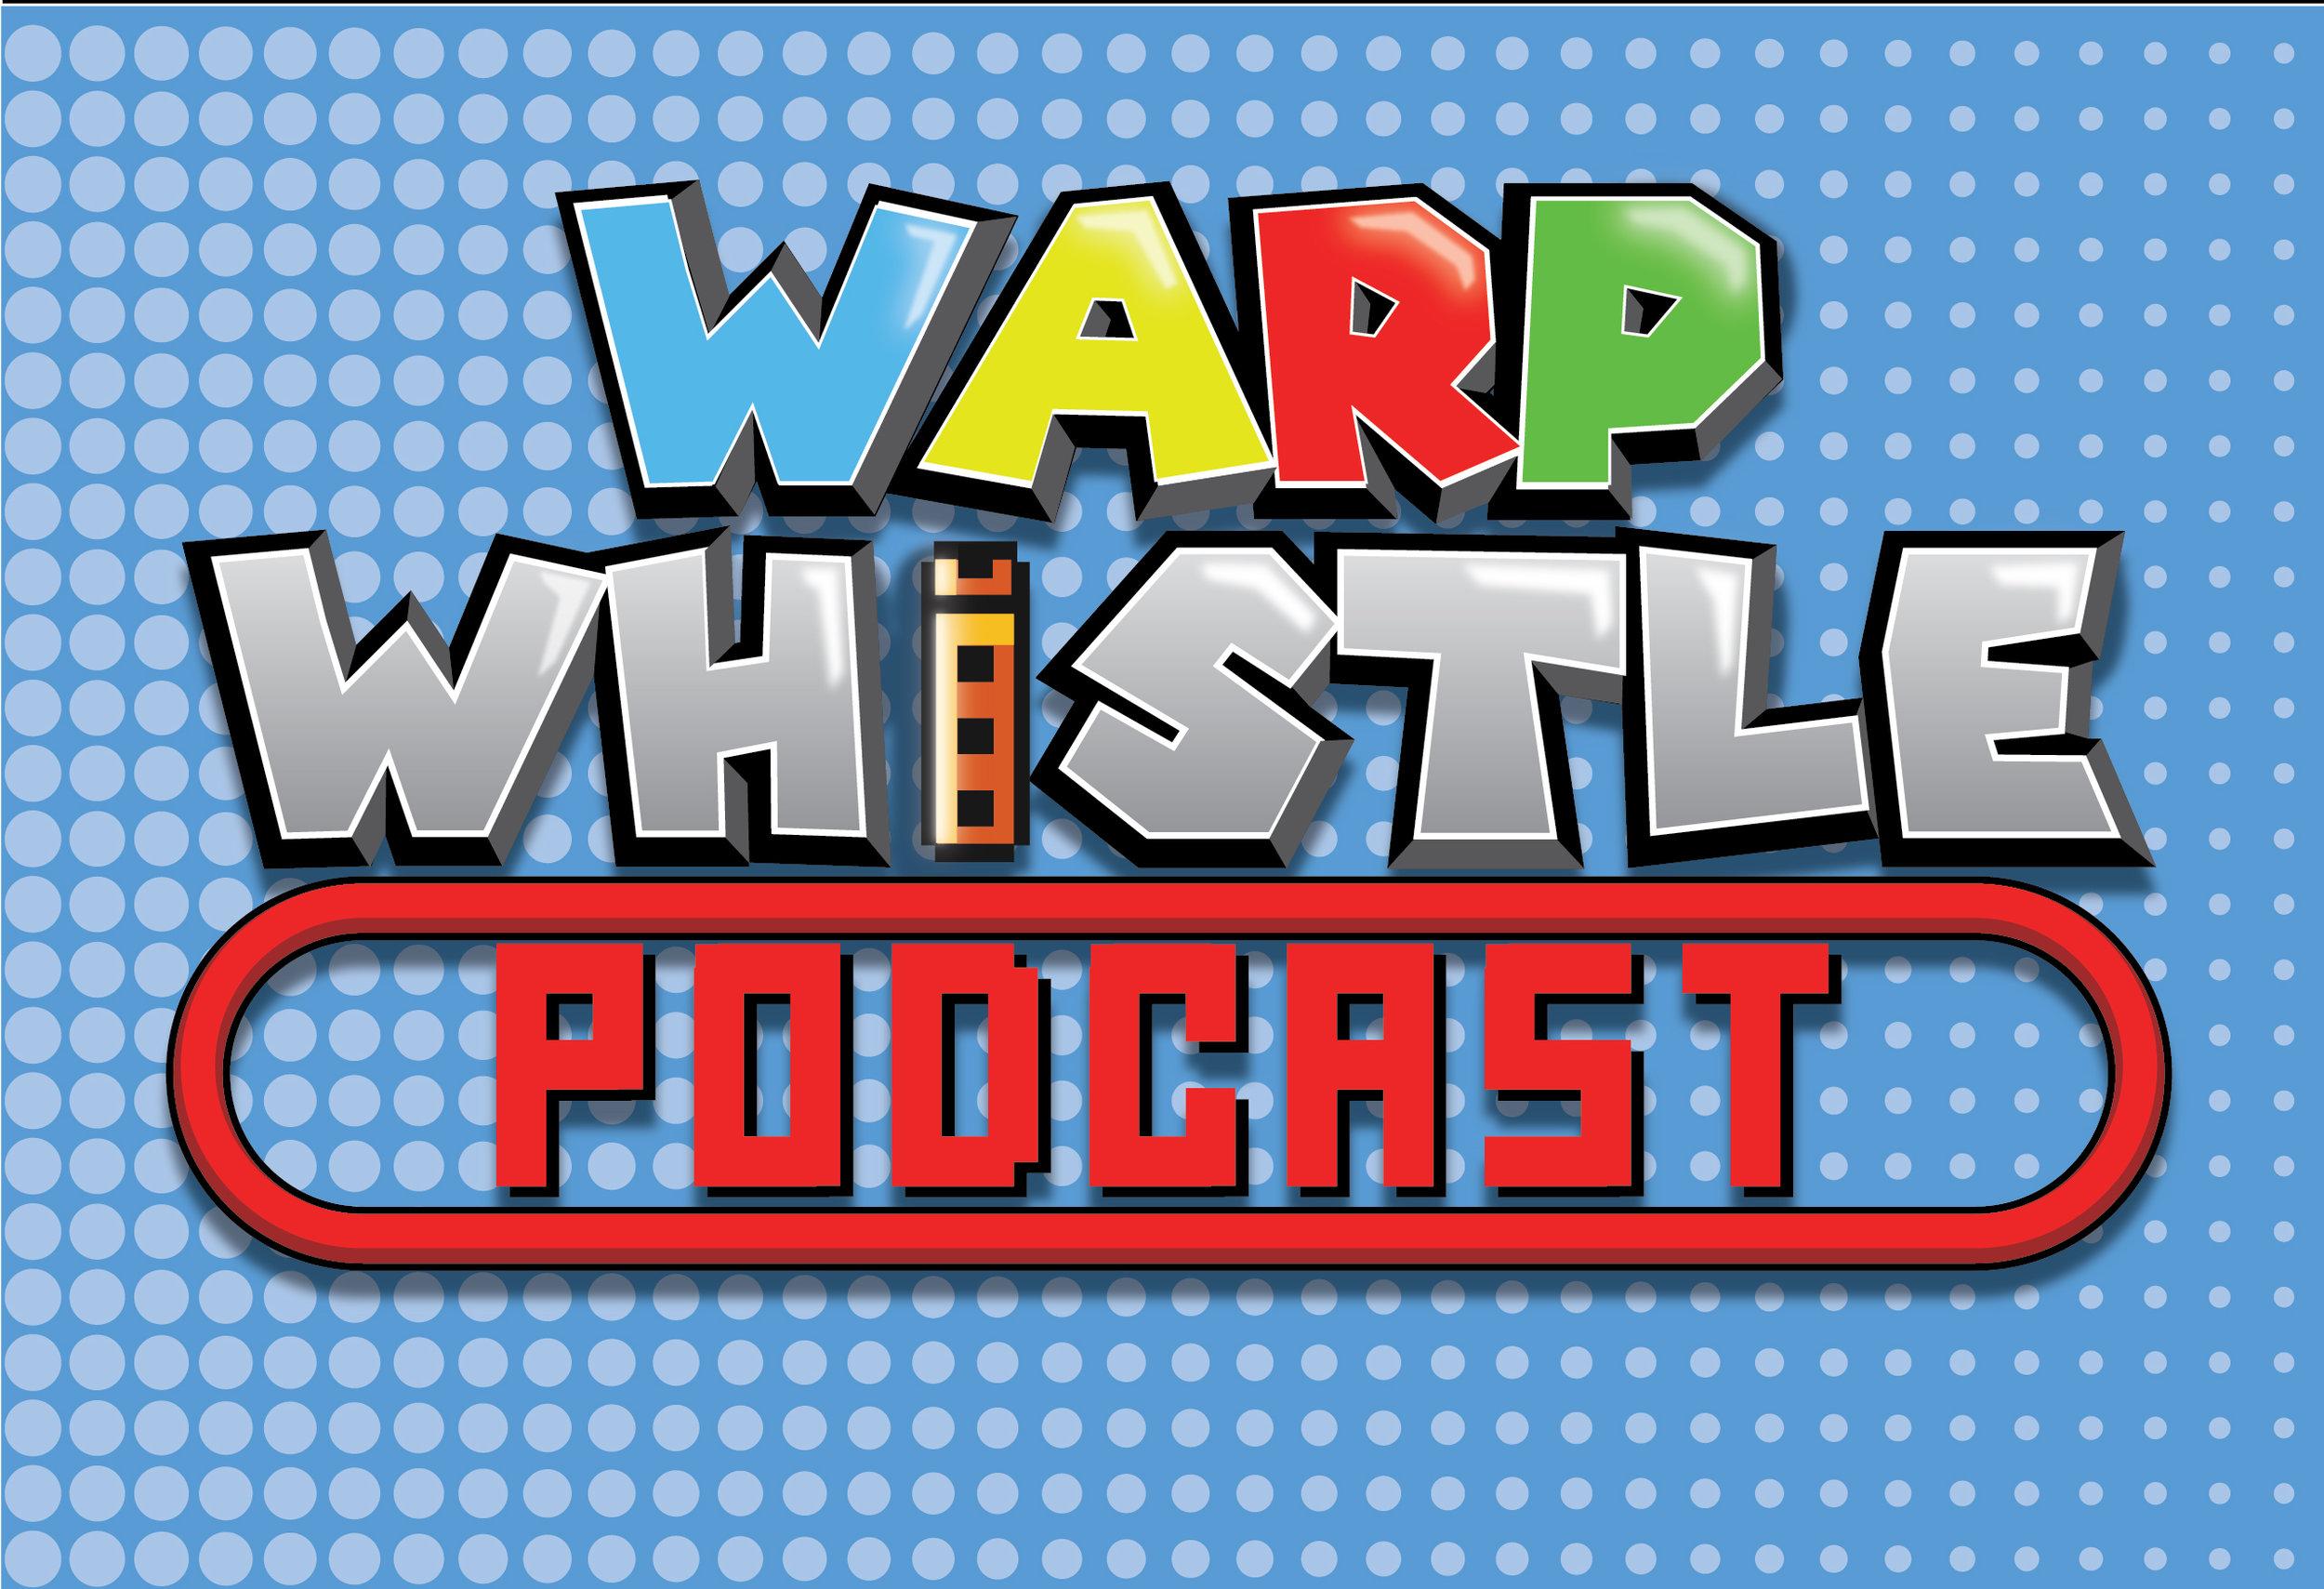 Warp Whistle Blue-01.jpg